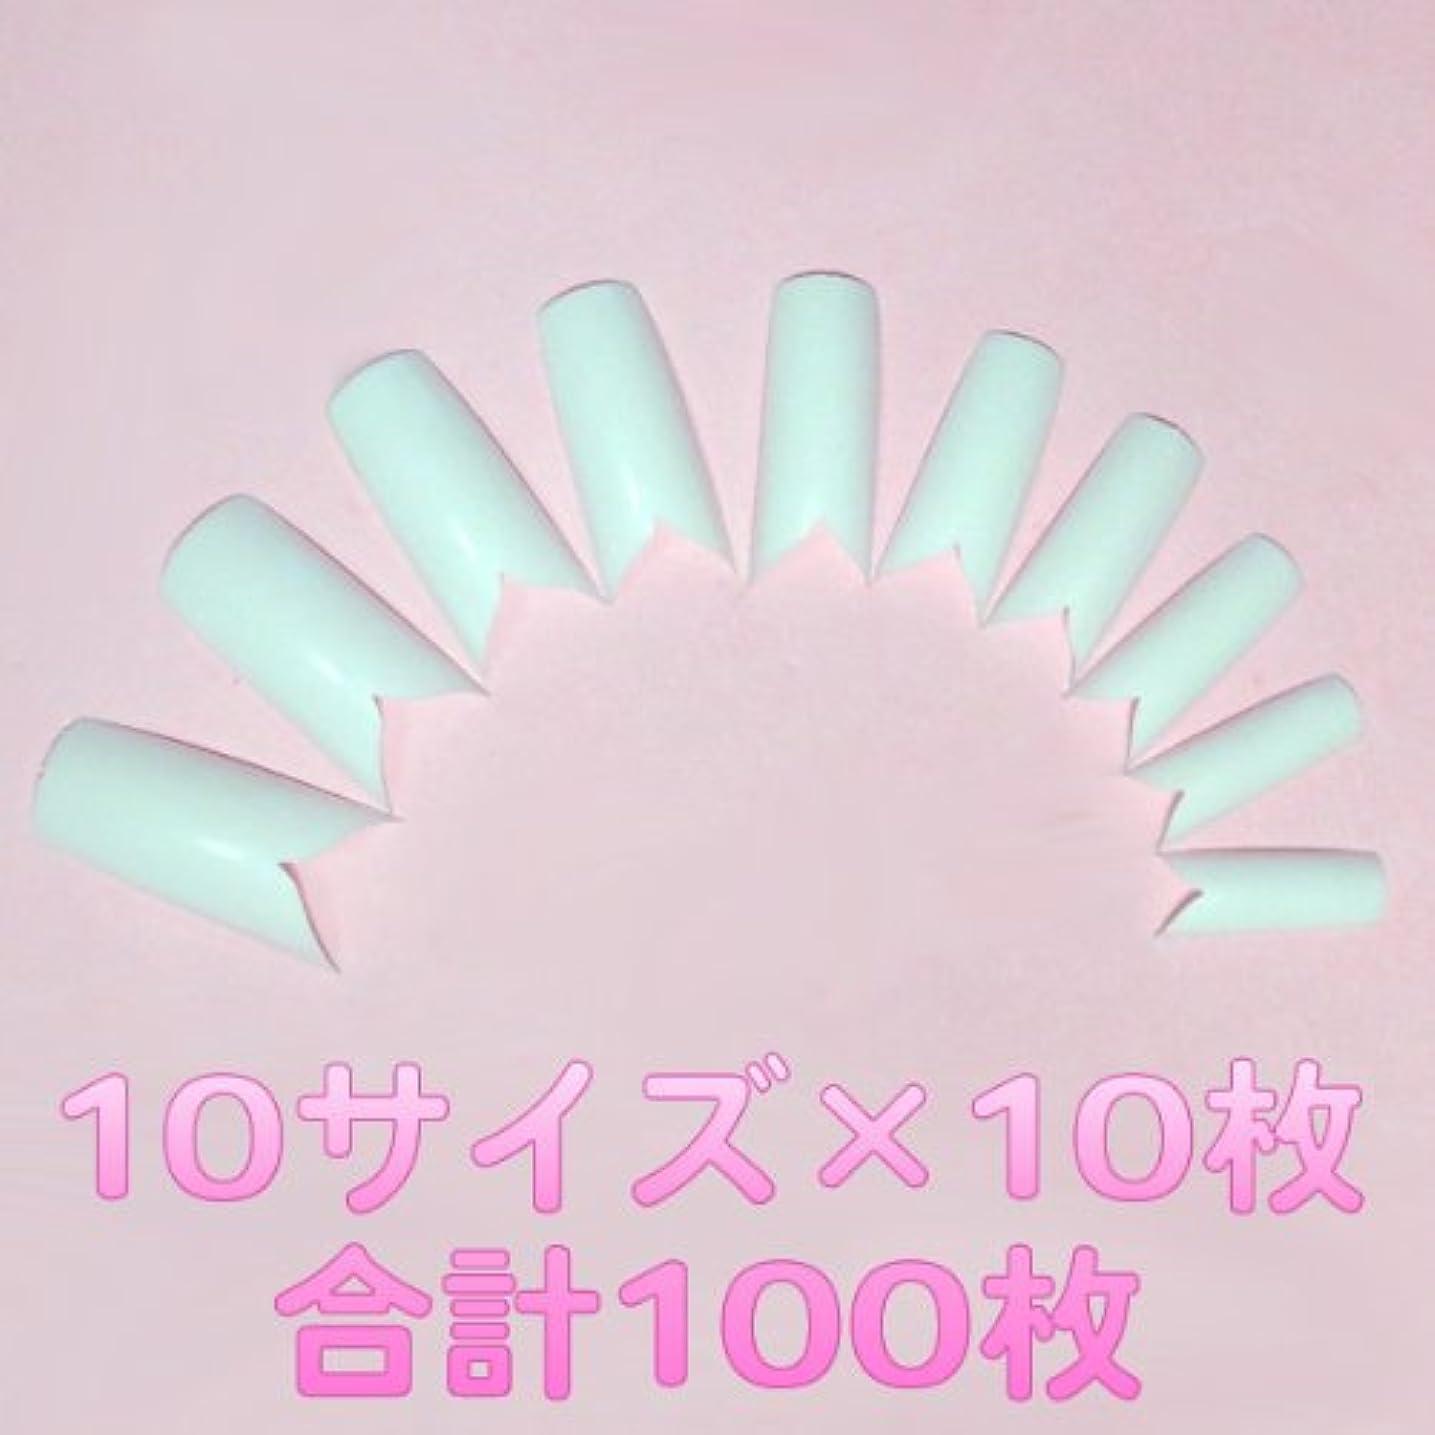 コールドに対応する晴れネイルチップ フレンチホワイト ハーフタイプ シャープなスマイルライン[#c1] つけ爪付け爪